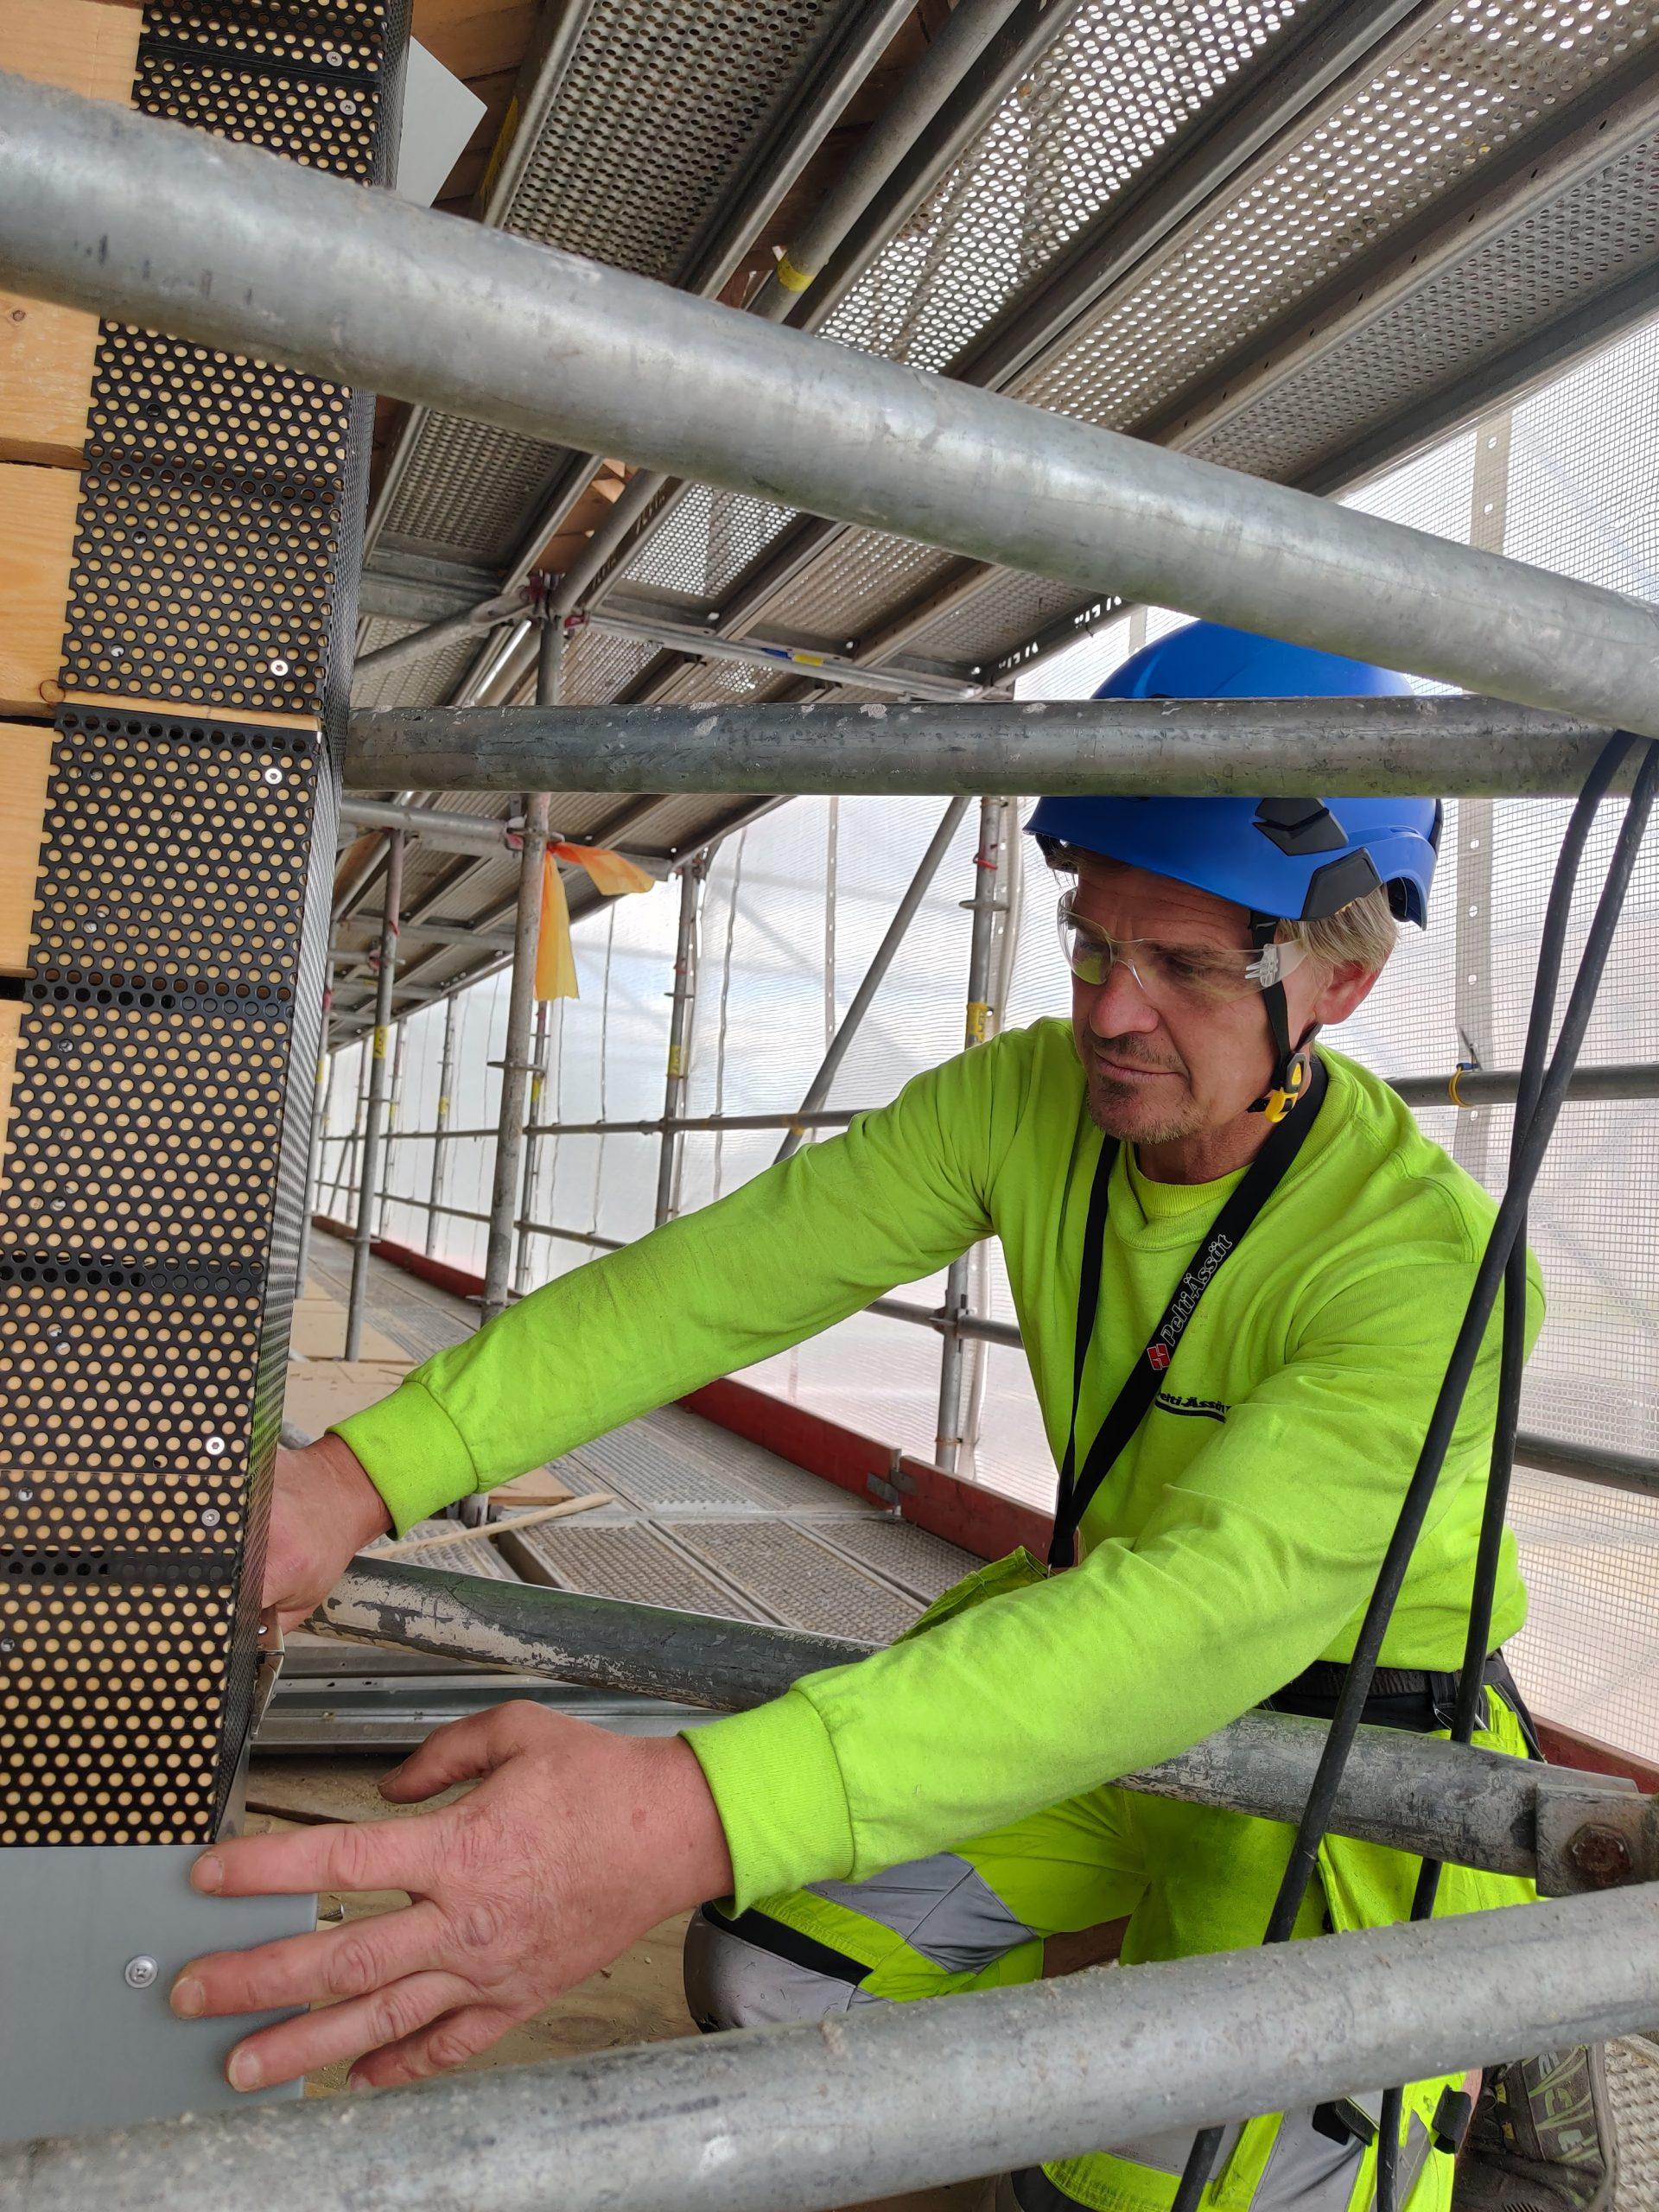 Mies polvistuneena rakennustelineillä asentamassa peltiä rakennuksen kulmaan.